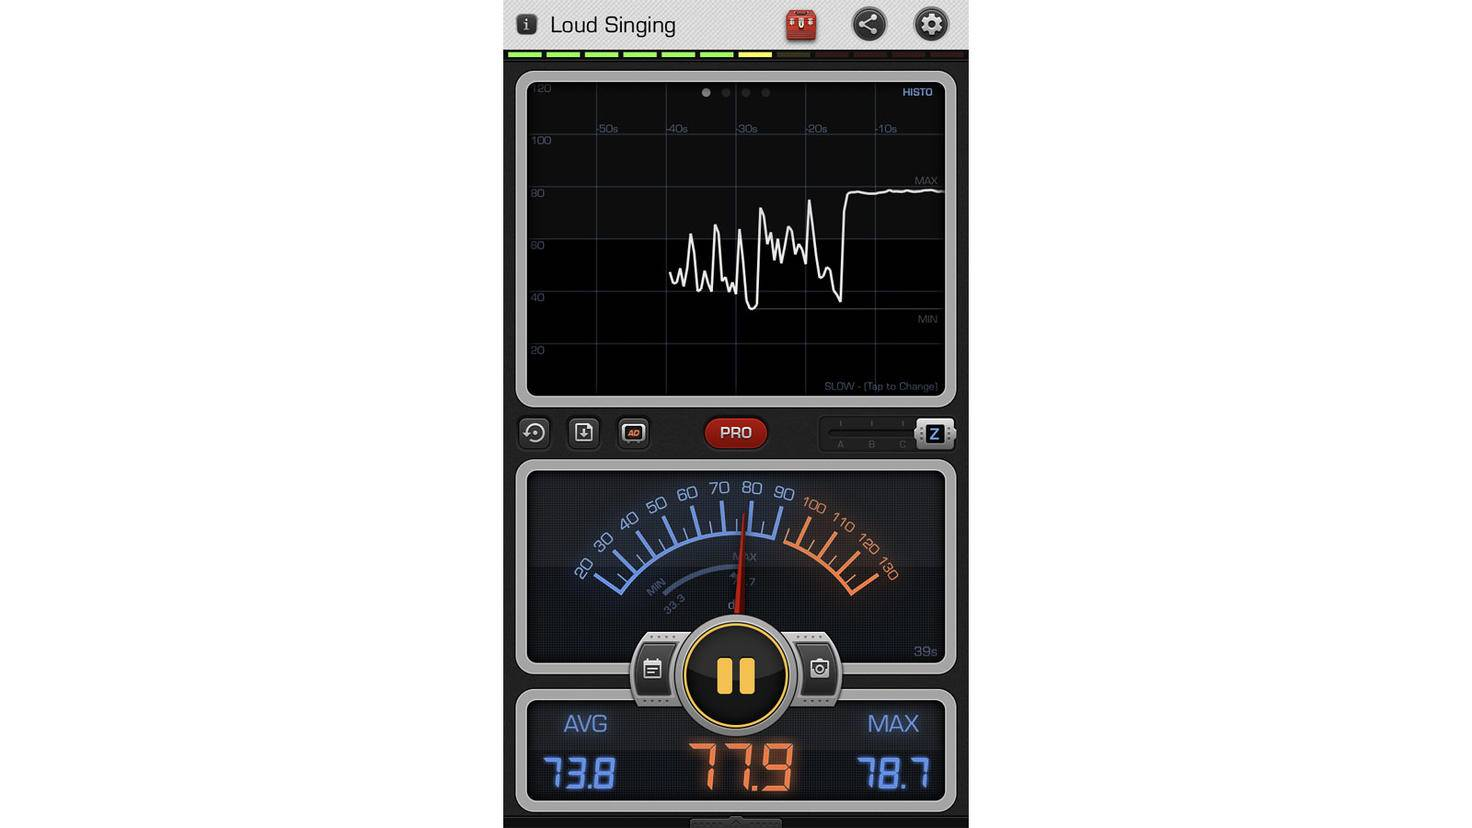 Die Messung der Lautstärke ergab einen Höchstwert von fast 80 Dezibel.